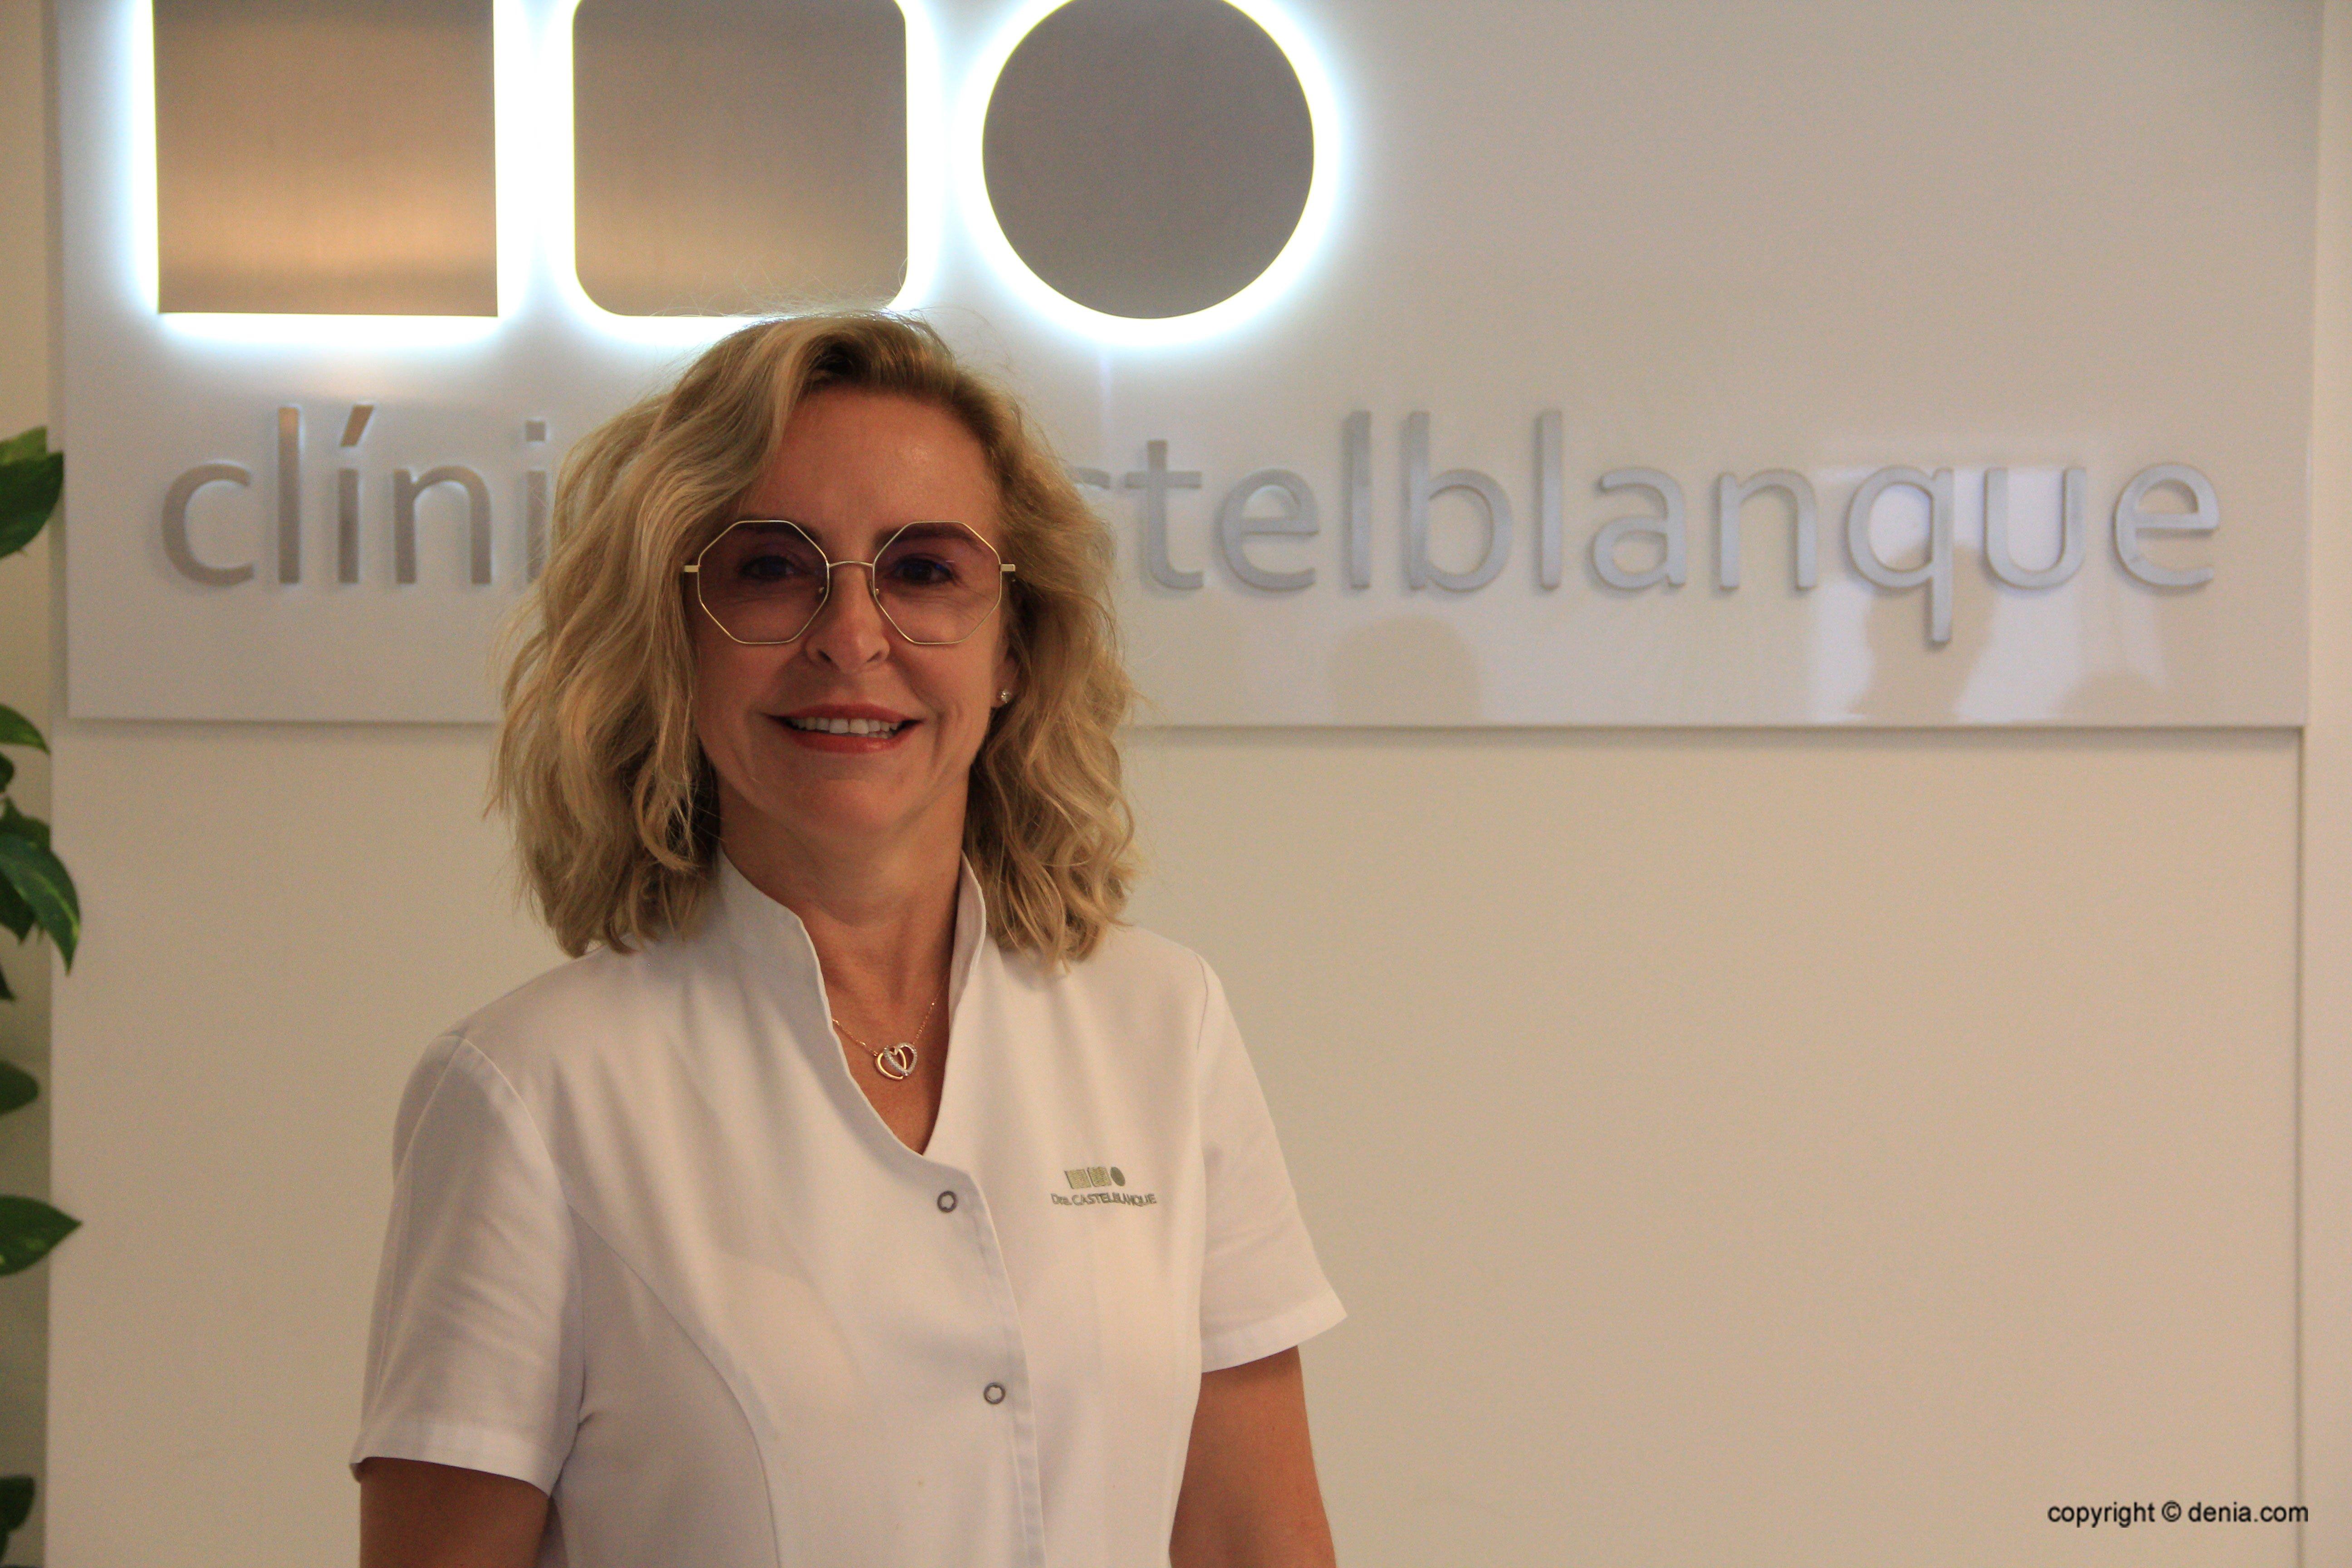 La doctora Castelblanque, de Clínica Estètica Castelblanque